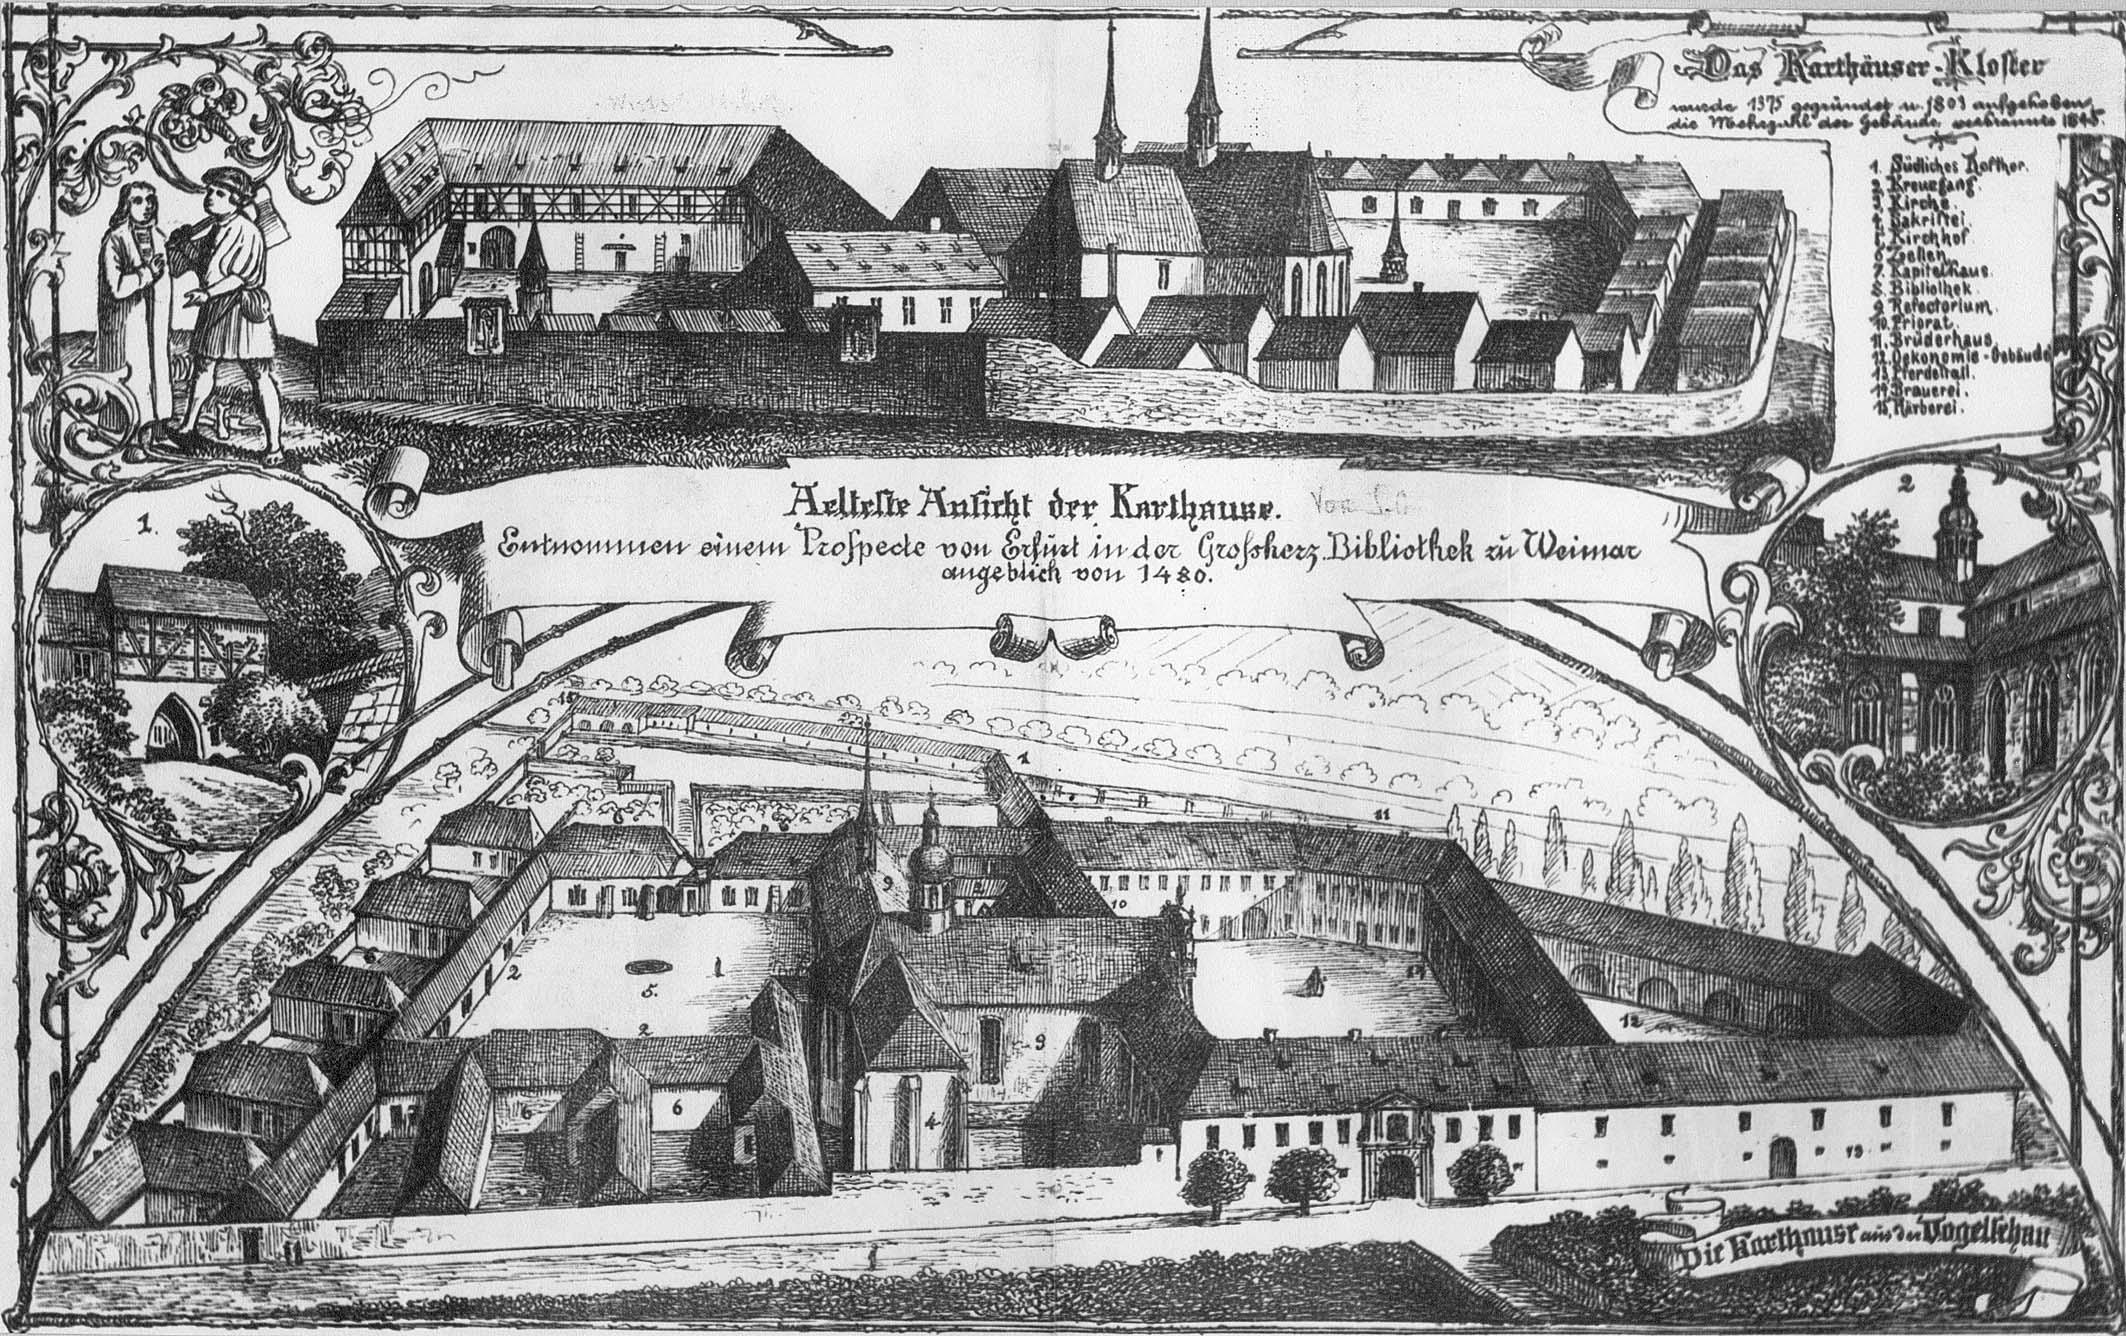 Historische Gesamtansicht der Erfurter Kartause